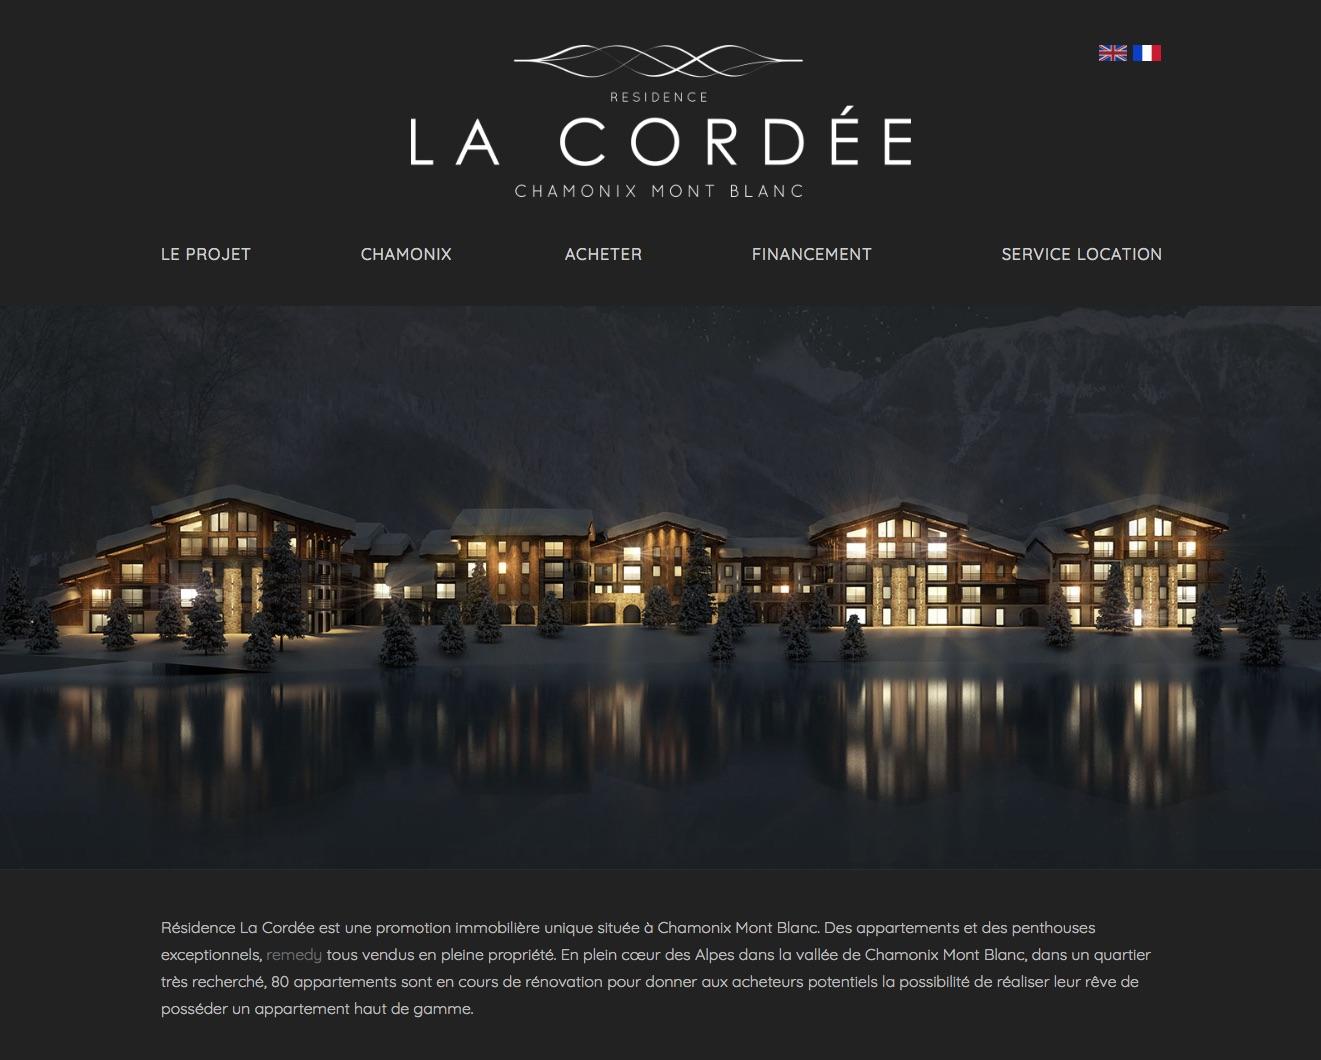 Résidence La Cordée